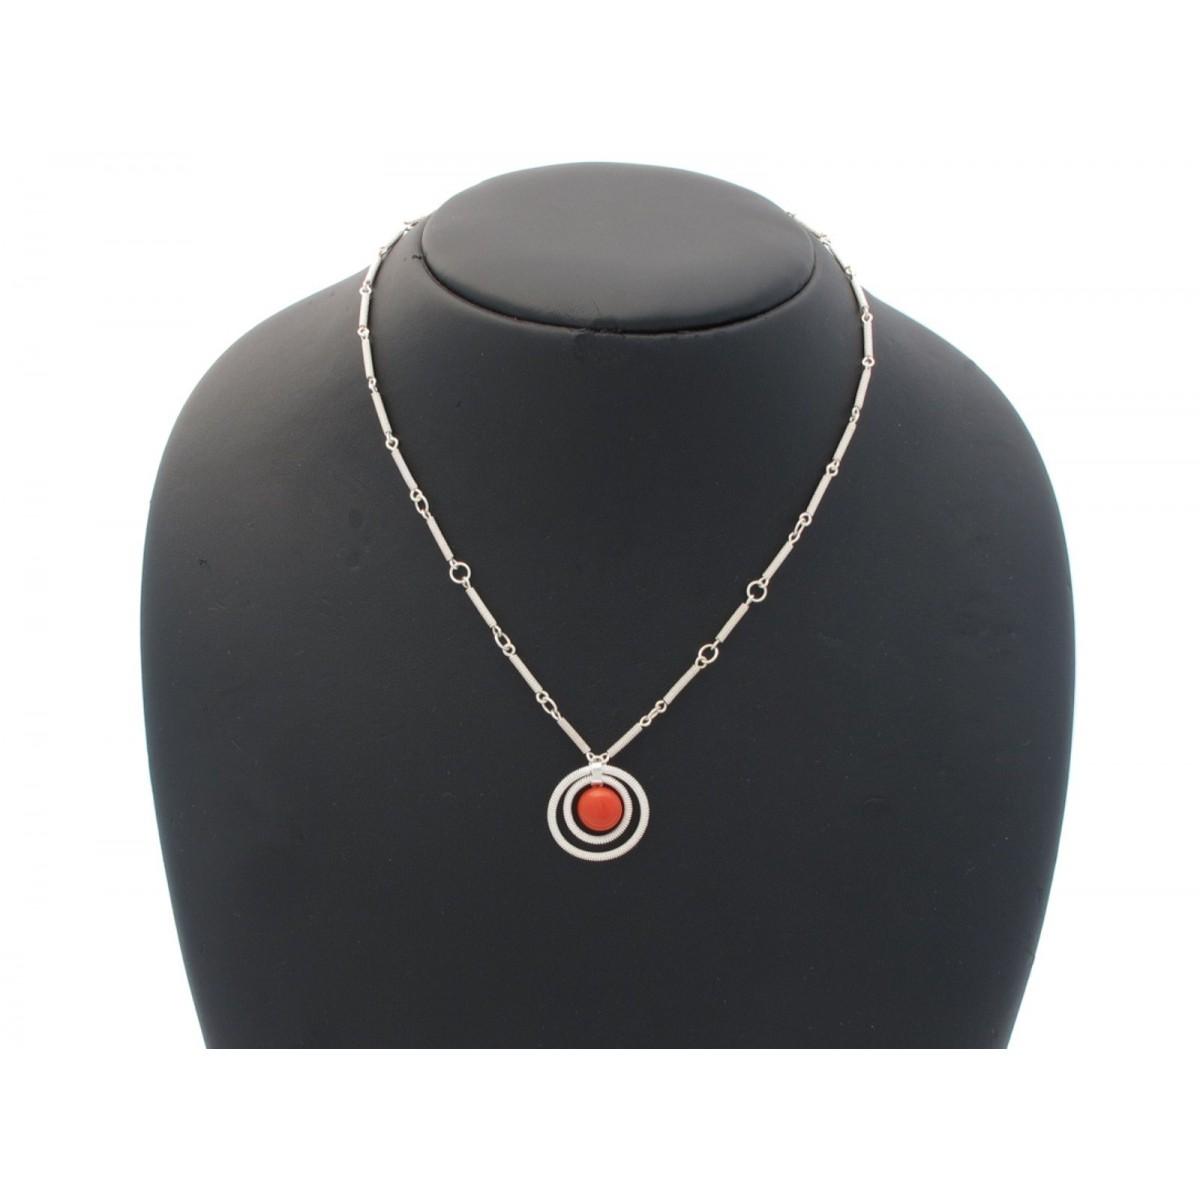 http://www.gioiellipiluzza.com/286-610-thickbox/collana-argento-e-corallo.jpg